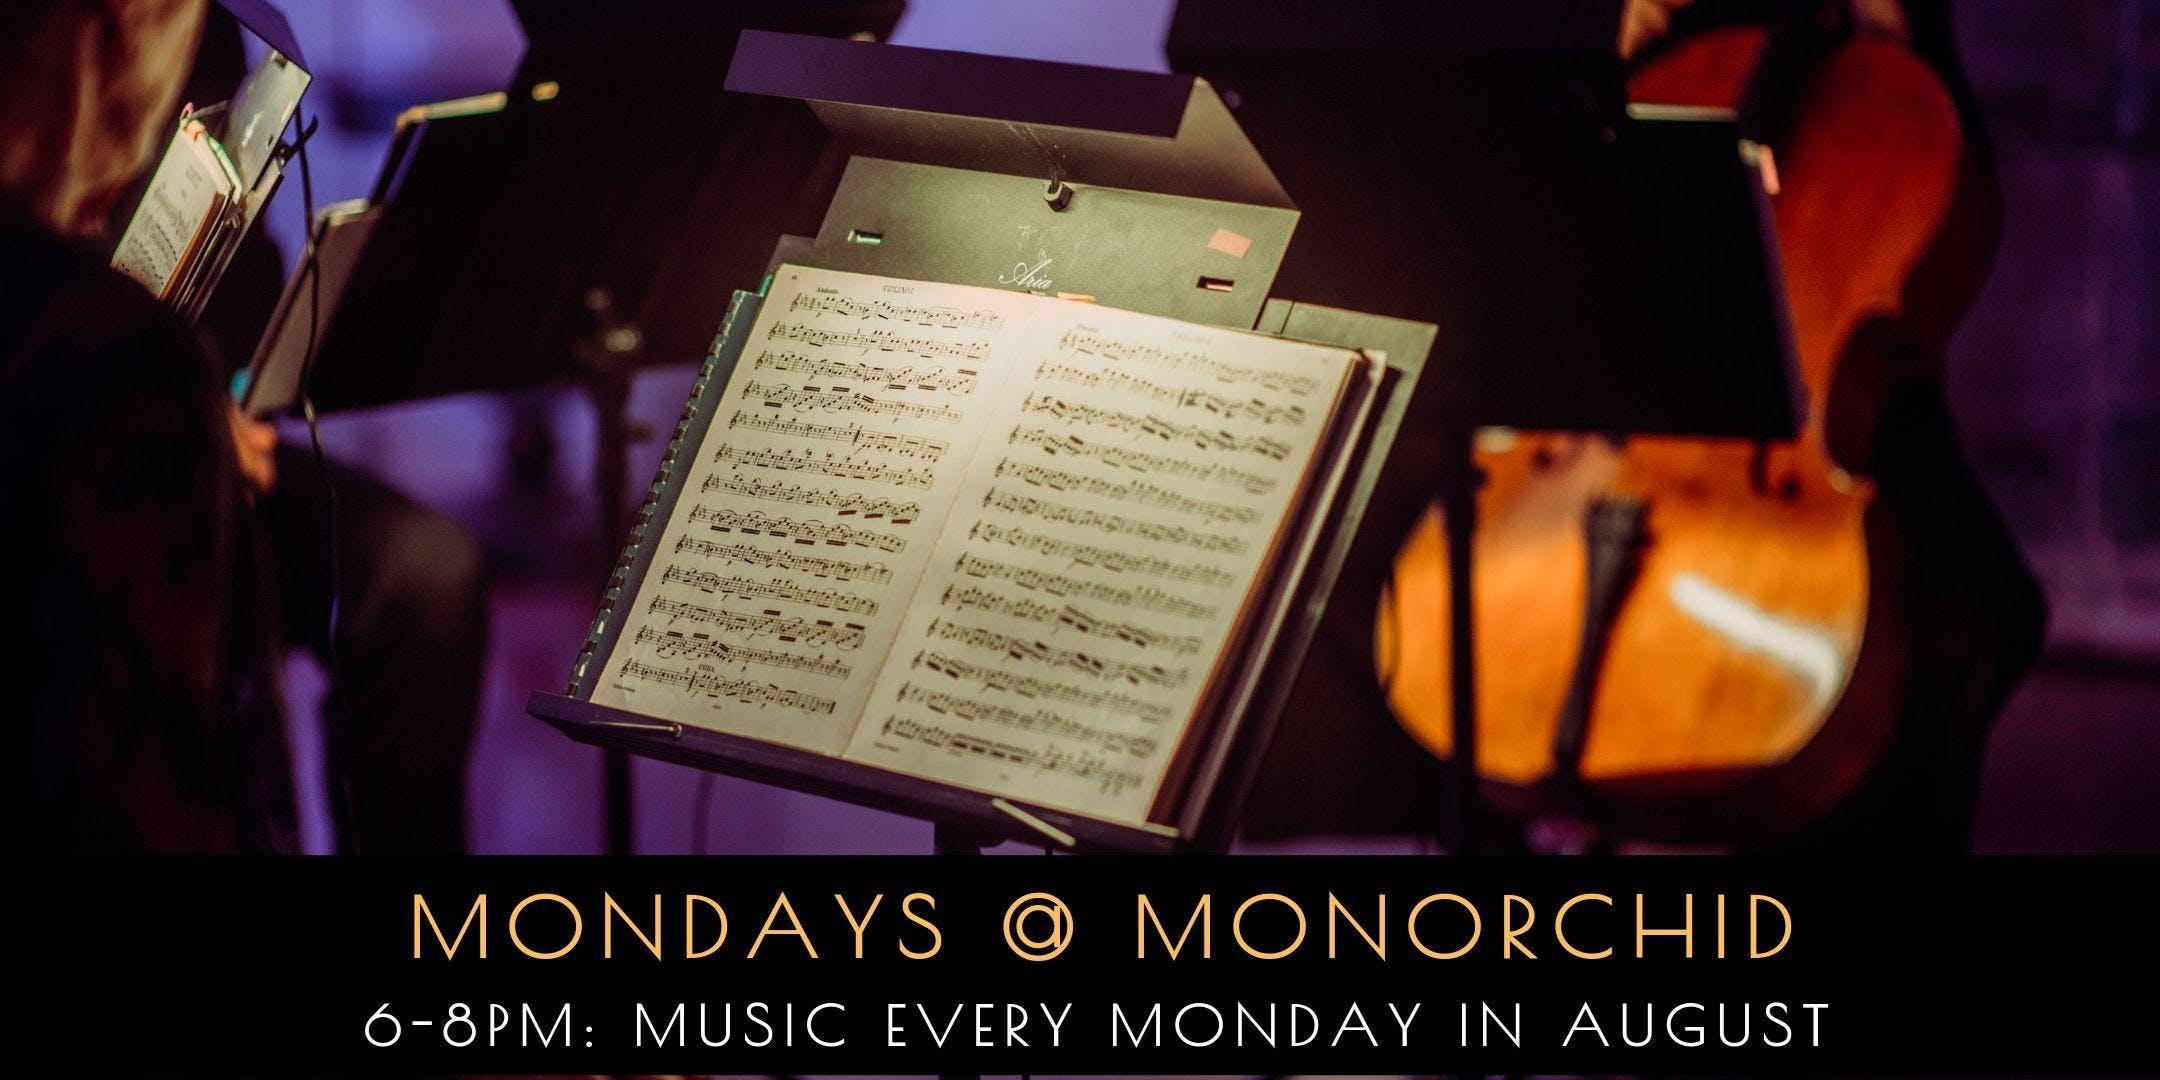 Mondays @ Monorchid (Aug 26)